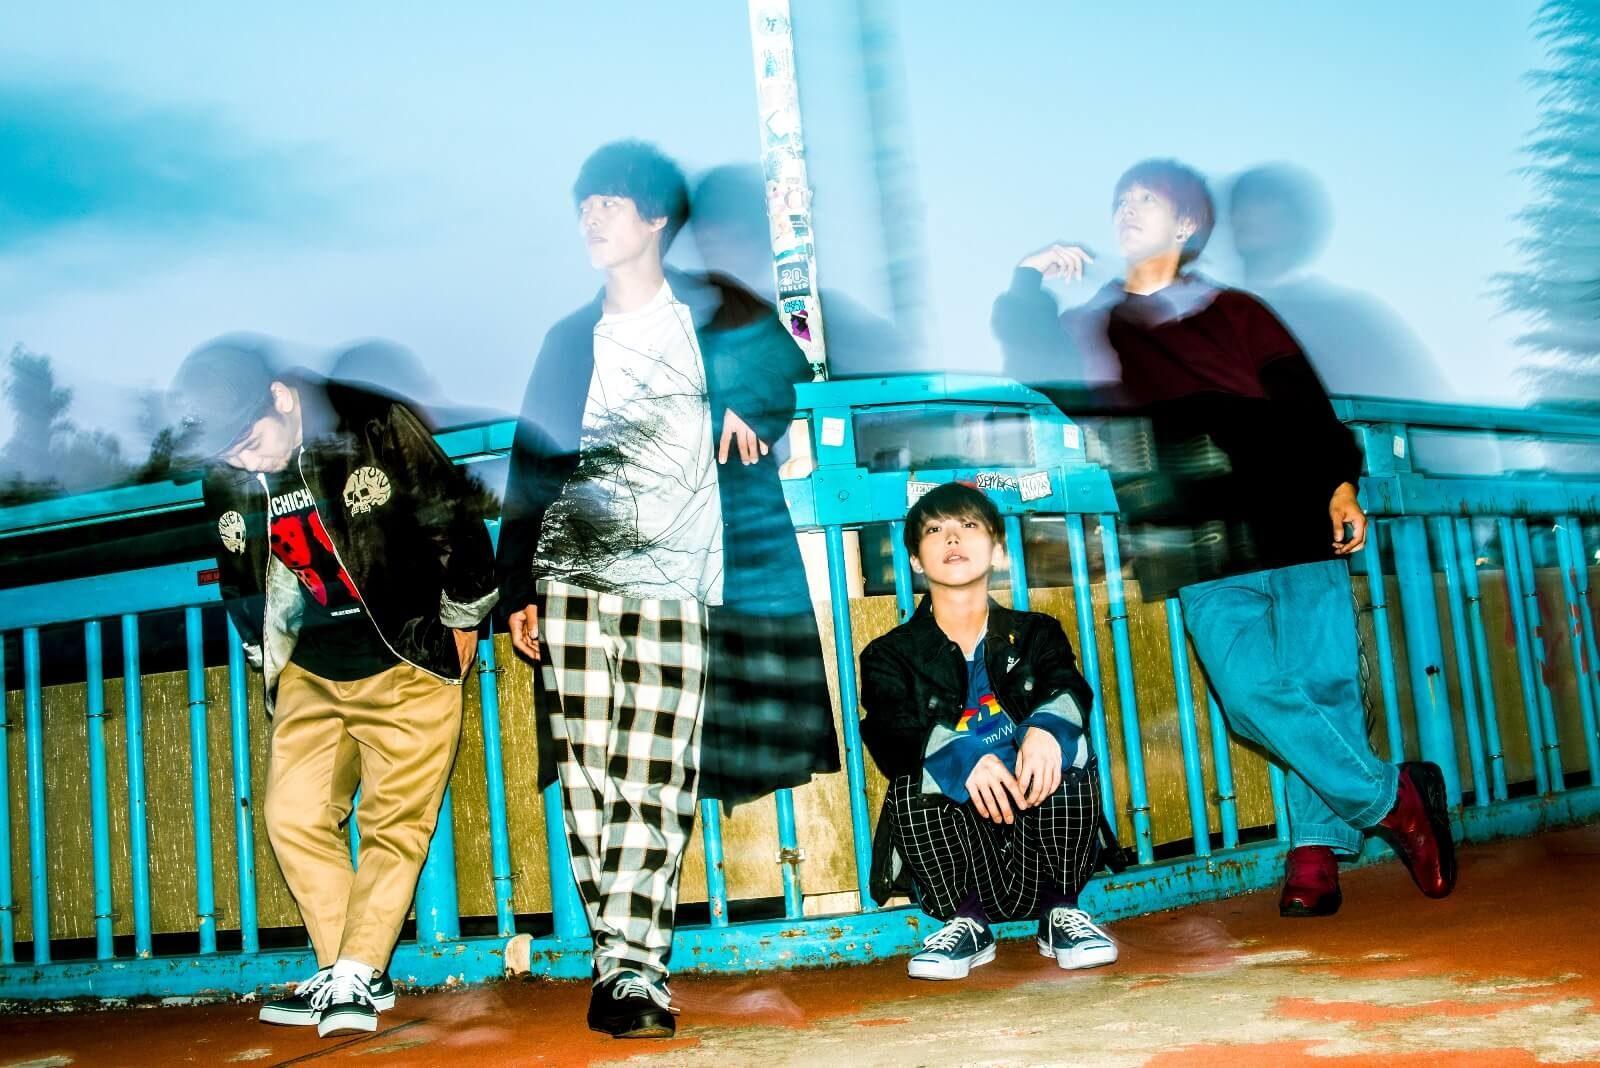 04 Limited Sazabys、約2年振りとなるフルアルバム『SOIL』発売決定サムネイル画像